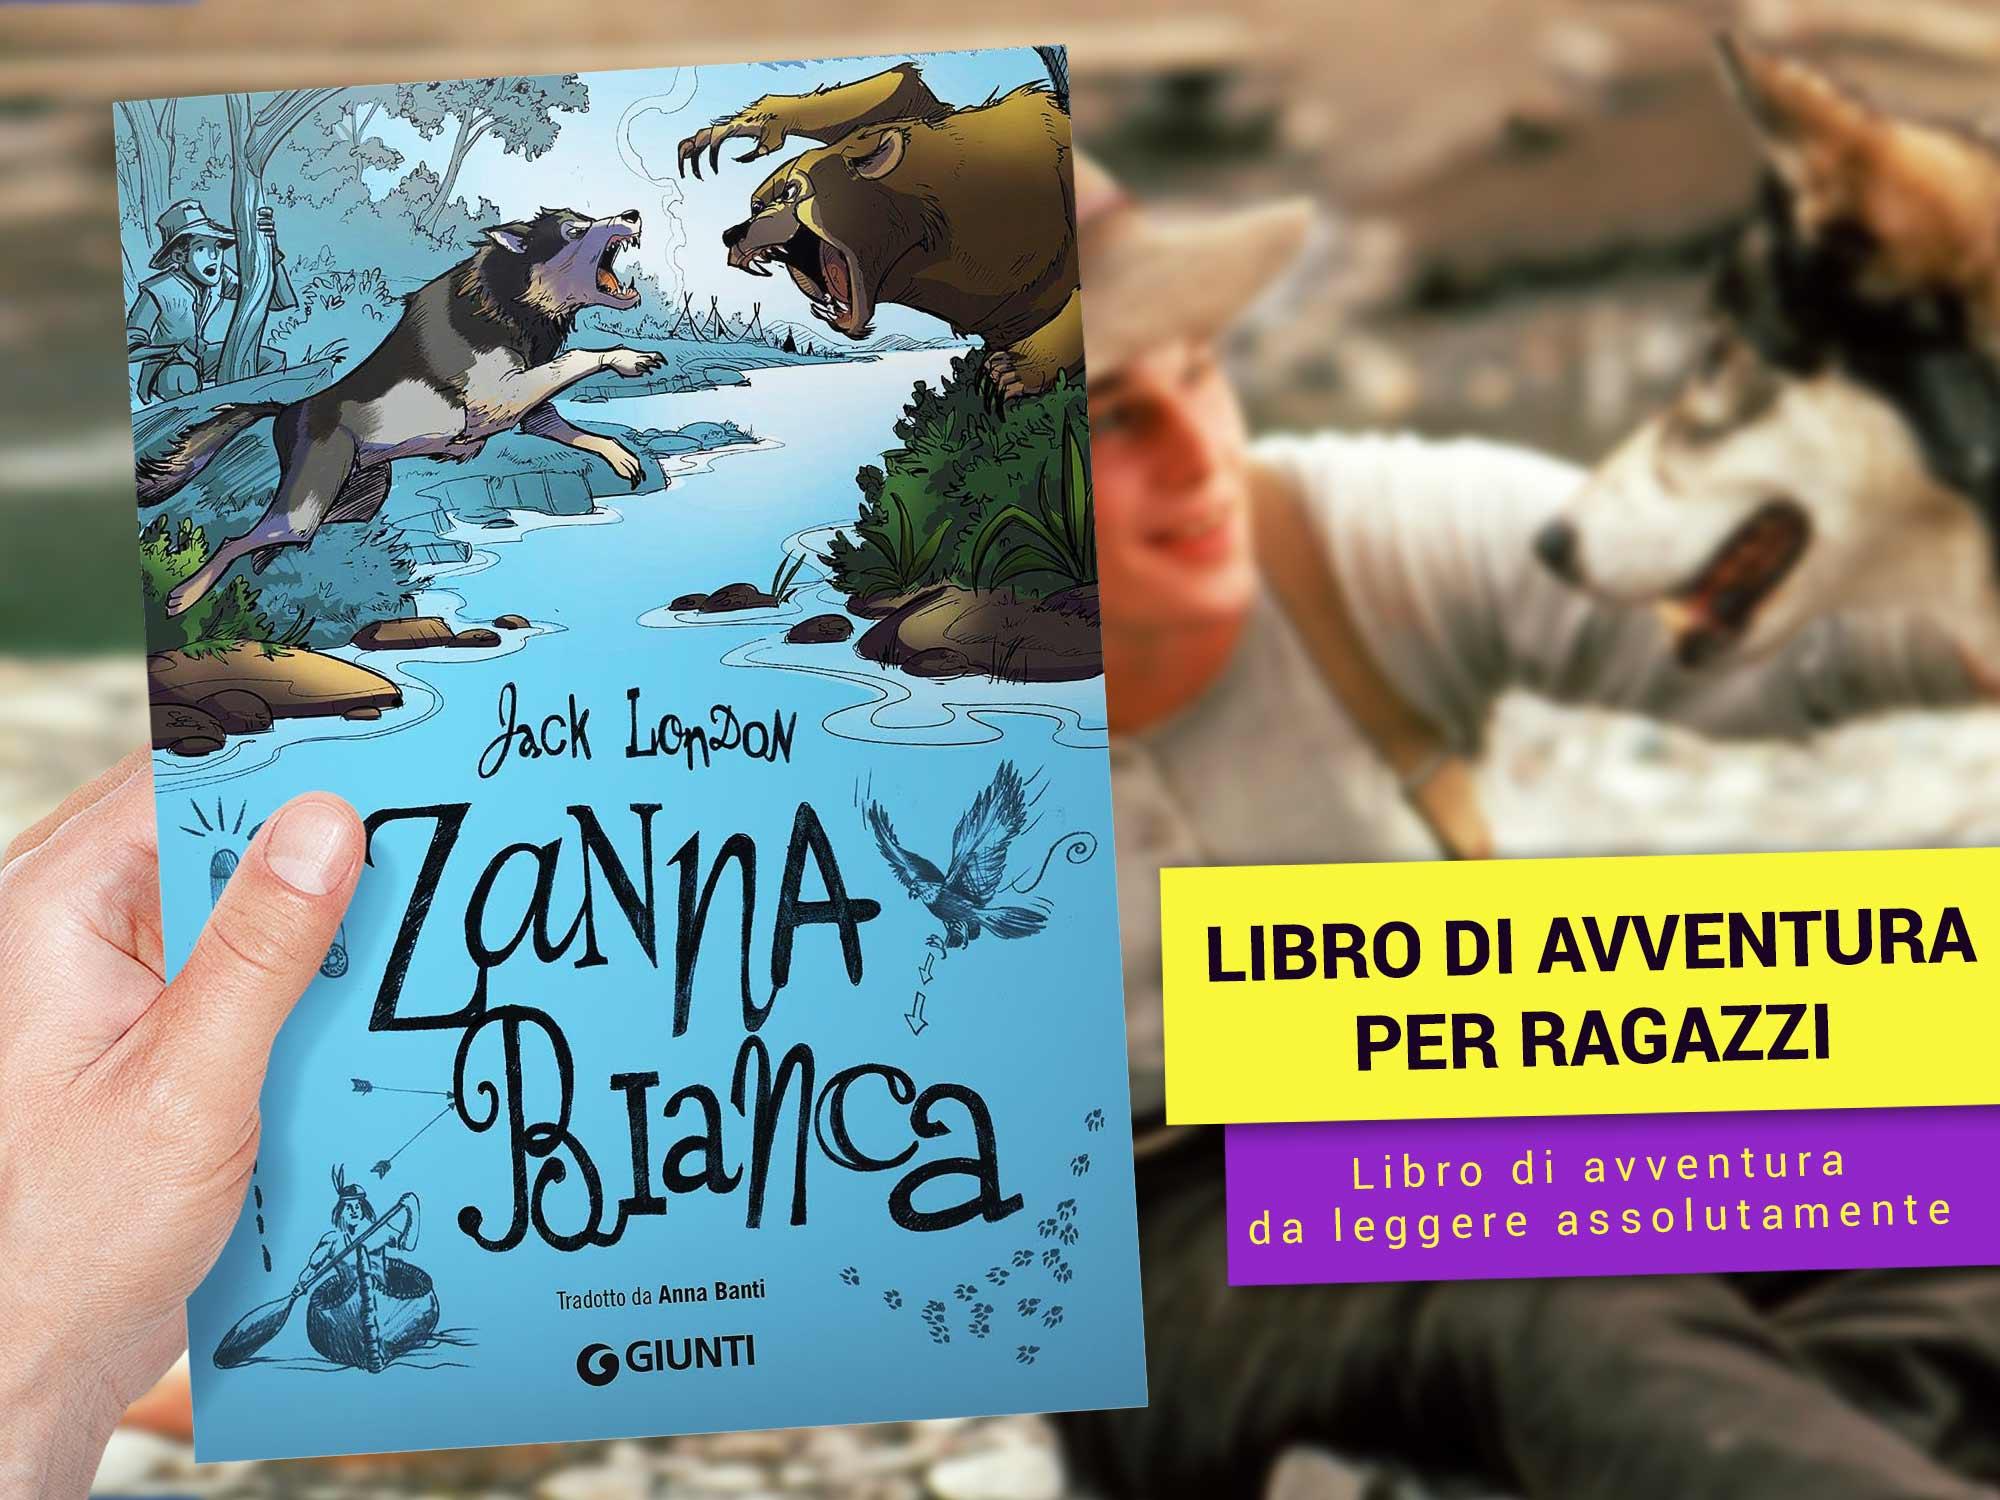 libro-di-avventura-per-ragazzi-da-leggere